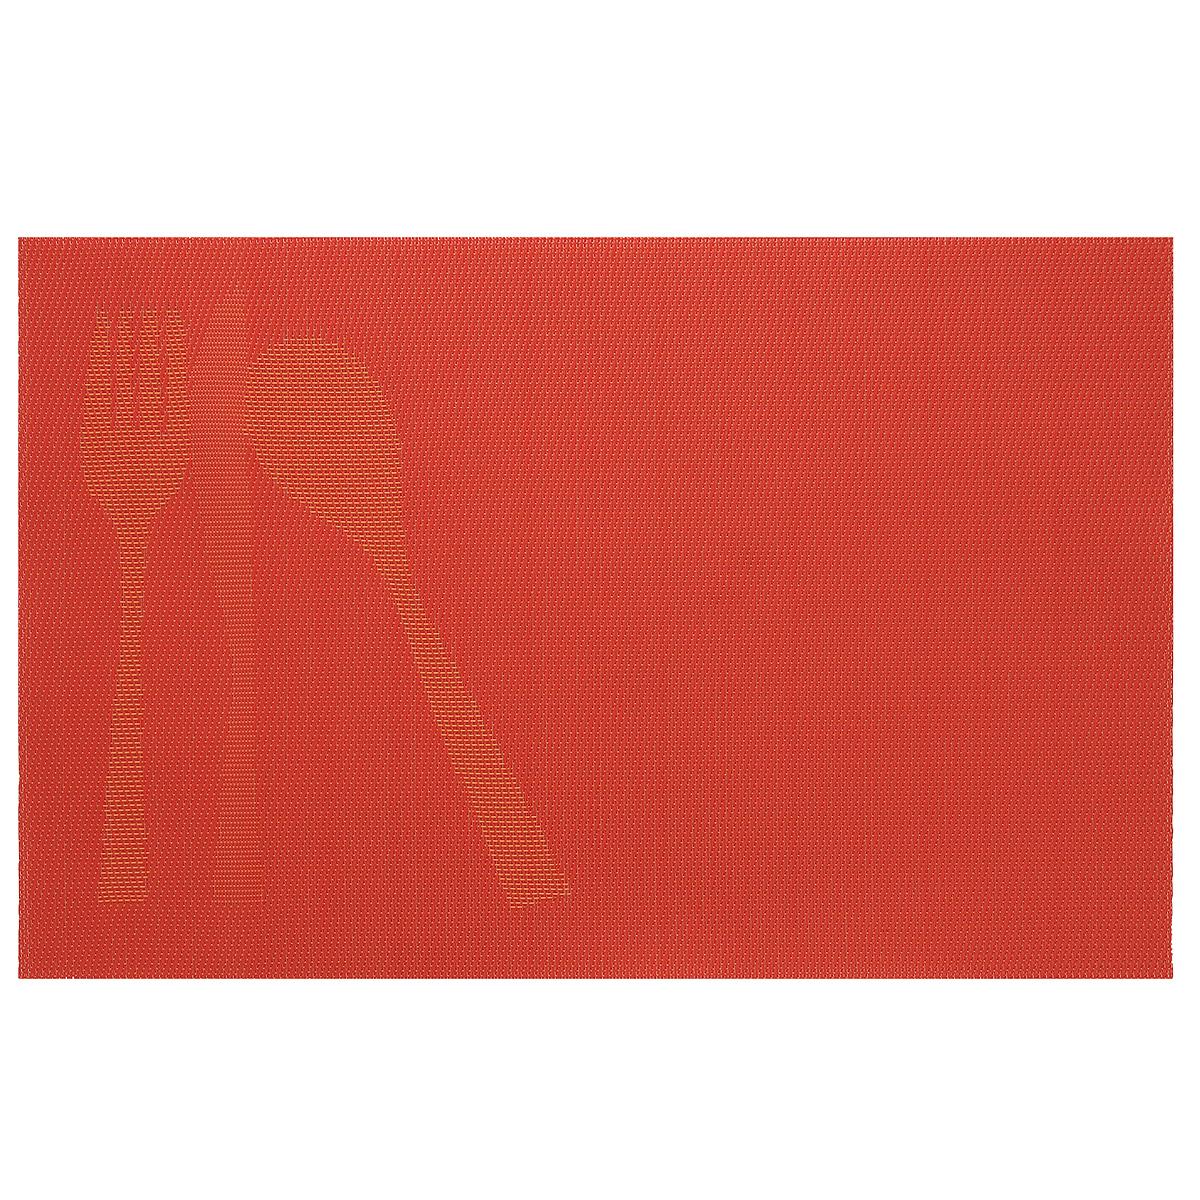 Подставка под горячее Amadeus, цвет: оранжевый, 44 х 29 см 28HZ-9085FS-91909Прямоугольная подставка под горячее Amadeus выполнена из мягкого пластика и декорирована рисунком с изображением столовых приборов. Подставка не боится высоких температур и легко чистится от пятен и жира.Каждая хозяйка знает, что подставка под горячее - это незаменимый и очень полезный аксессуар на каждой кухне. Ваш стол будет не только украшен оригинальной подставкой с красивым рисунком, но и сбережен от воздействия высоких температур ваших кулинарных шедевров.Размер подставки: 44 см х 29 см.